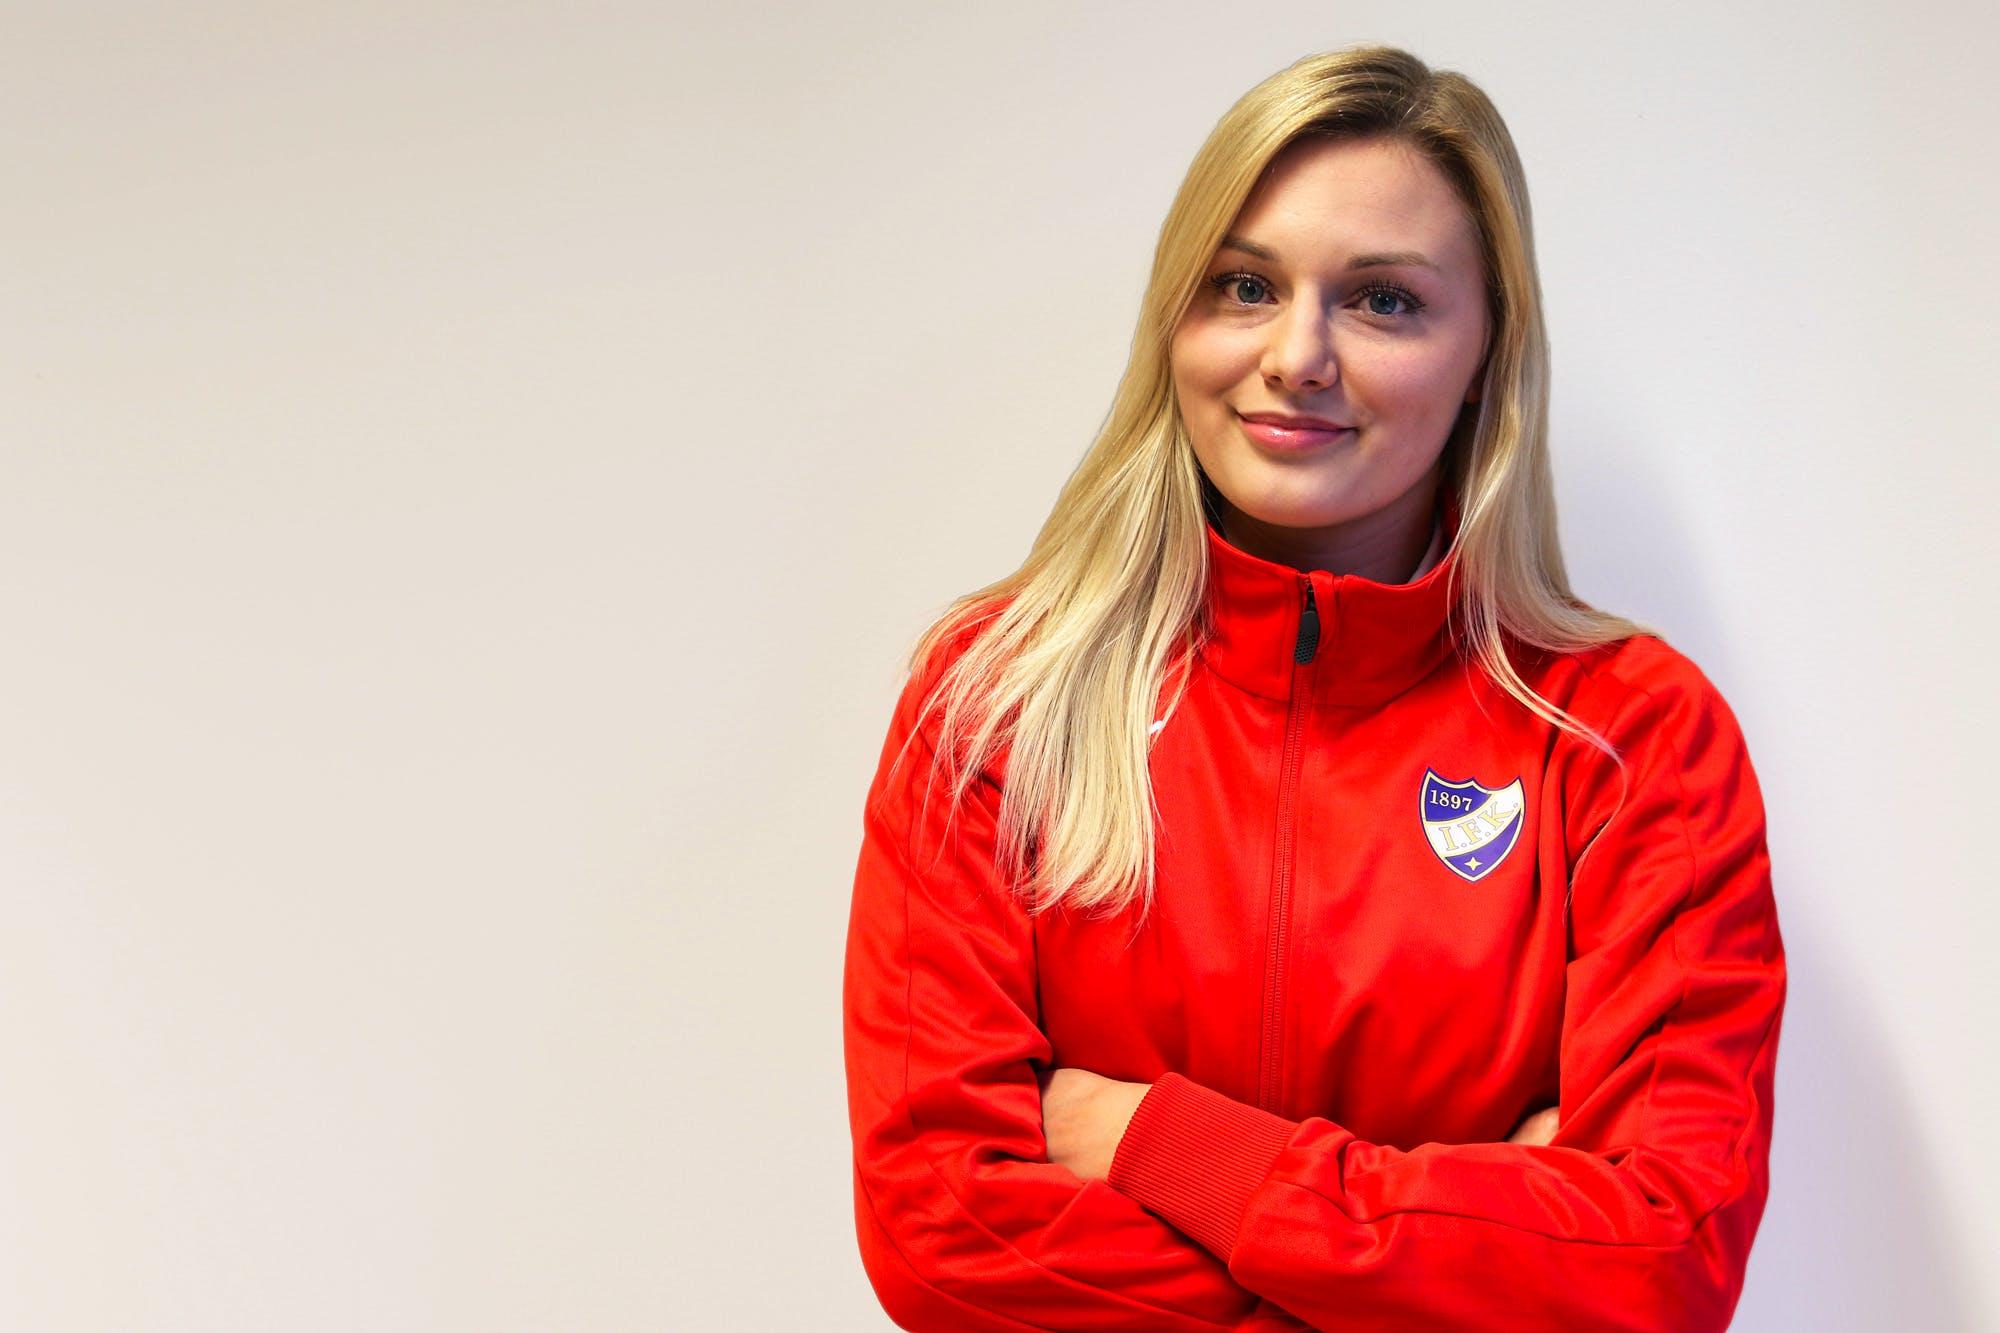 Emma Rantamaa är HIFK:s assistent inom sportverksamheten